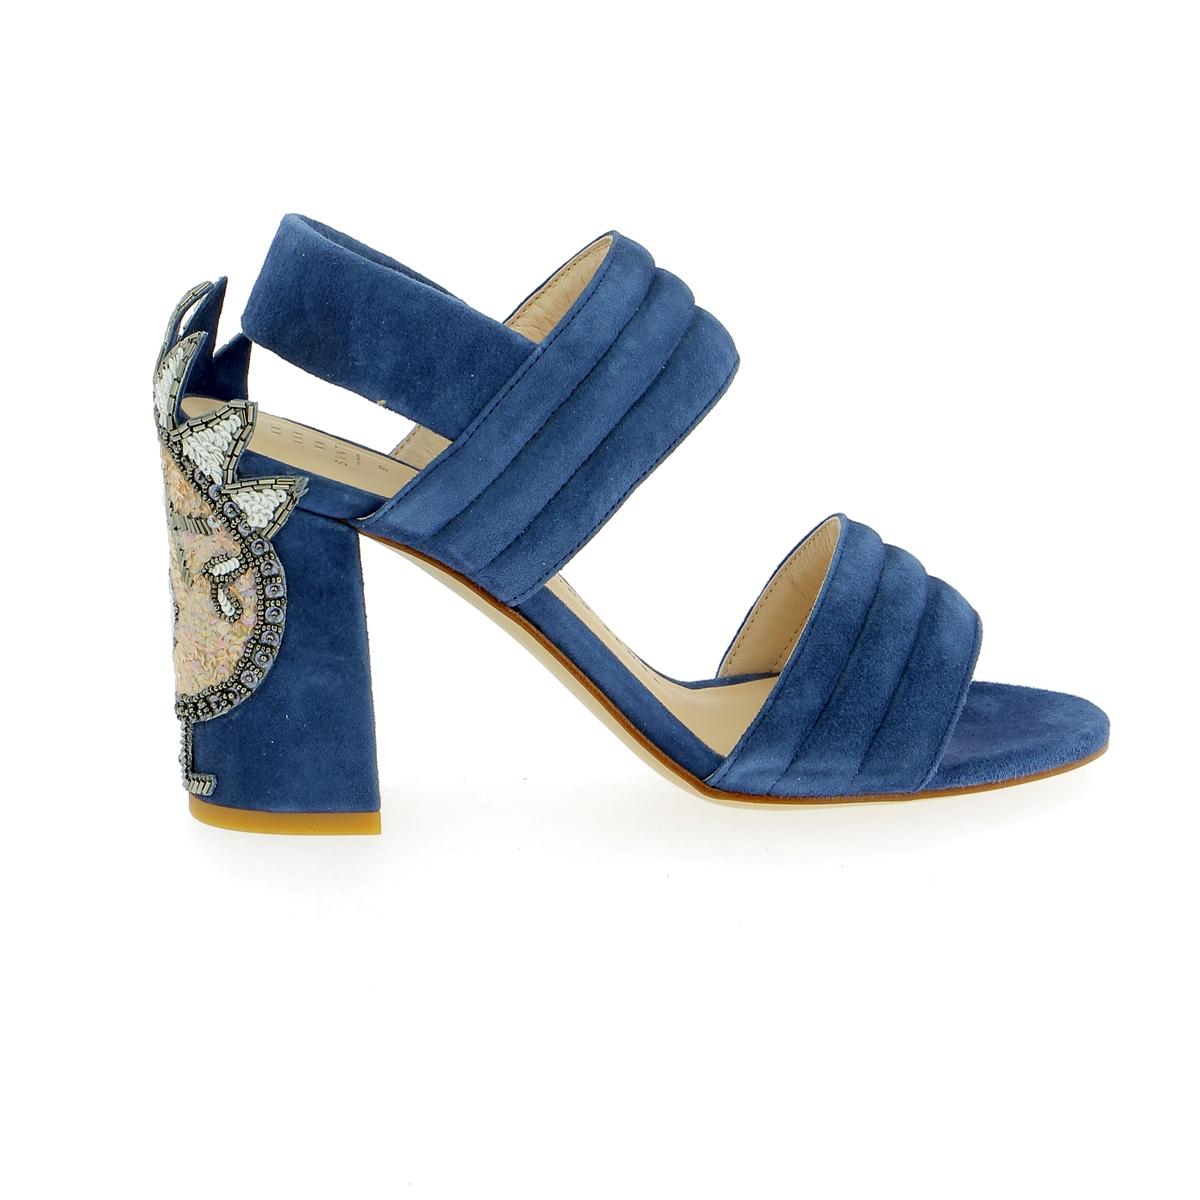 Svnty Sandales bleu